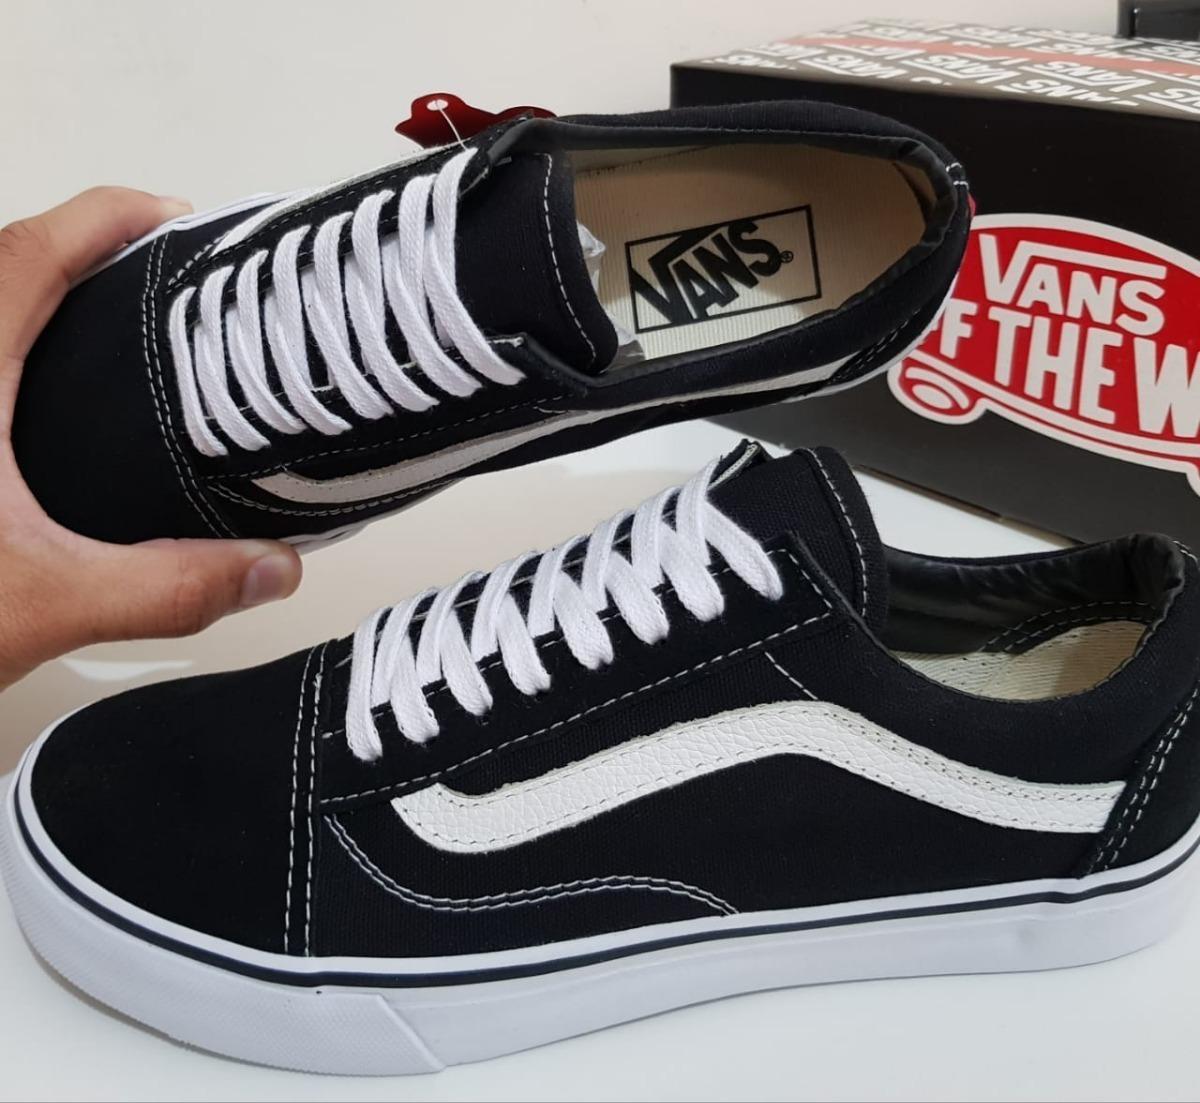 46b173f92e Tênis Vans Old Skool Preto Mas Fem Promoção. - R$ 189,99 em Mercado ...